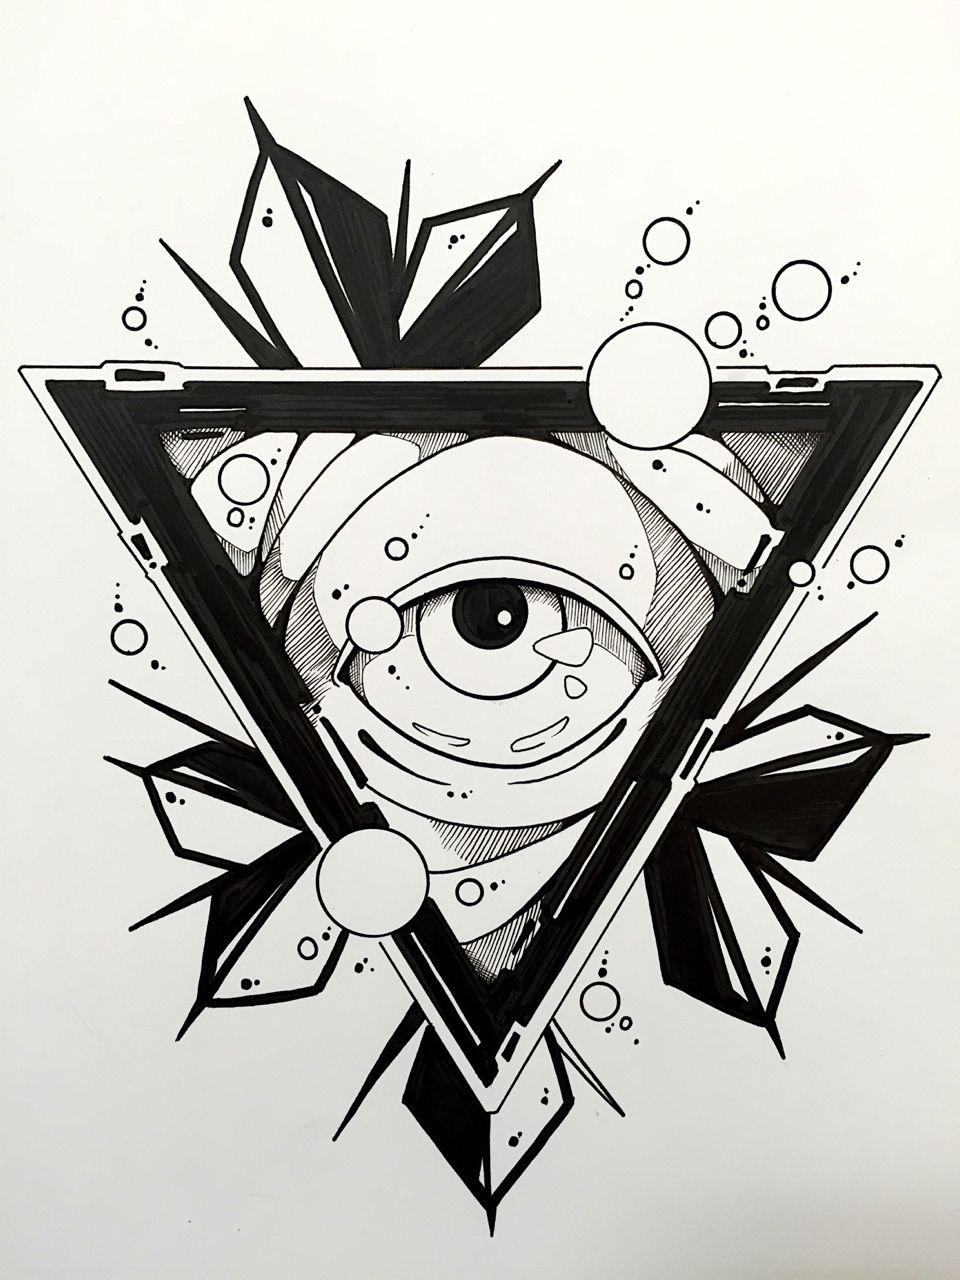 Triangle eye Kresby, Kreslení, Malování